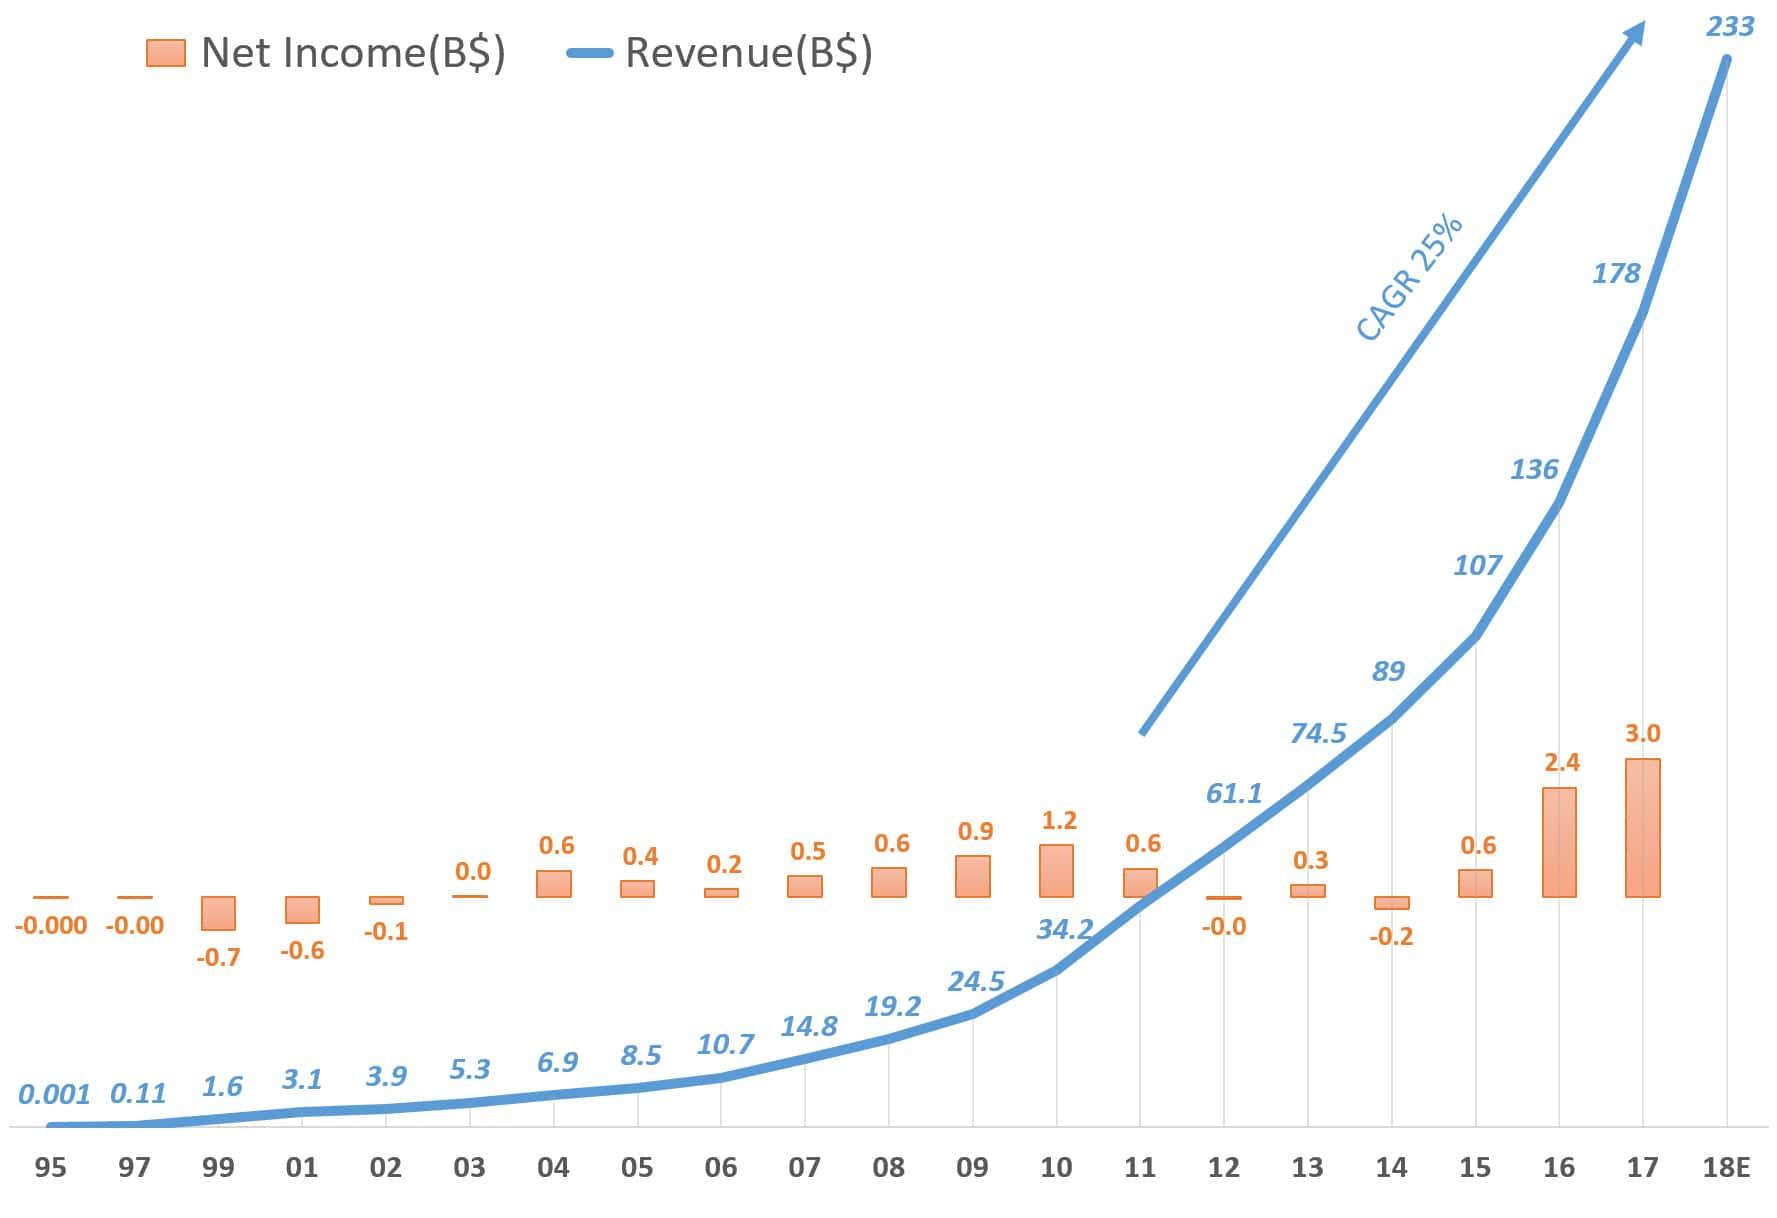 아마존 연도별 실적 및 순이익 추이(1995년 ~ 2018년 예상) yearly Amazon revenue & net income, Graph by Happist